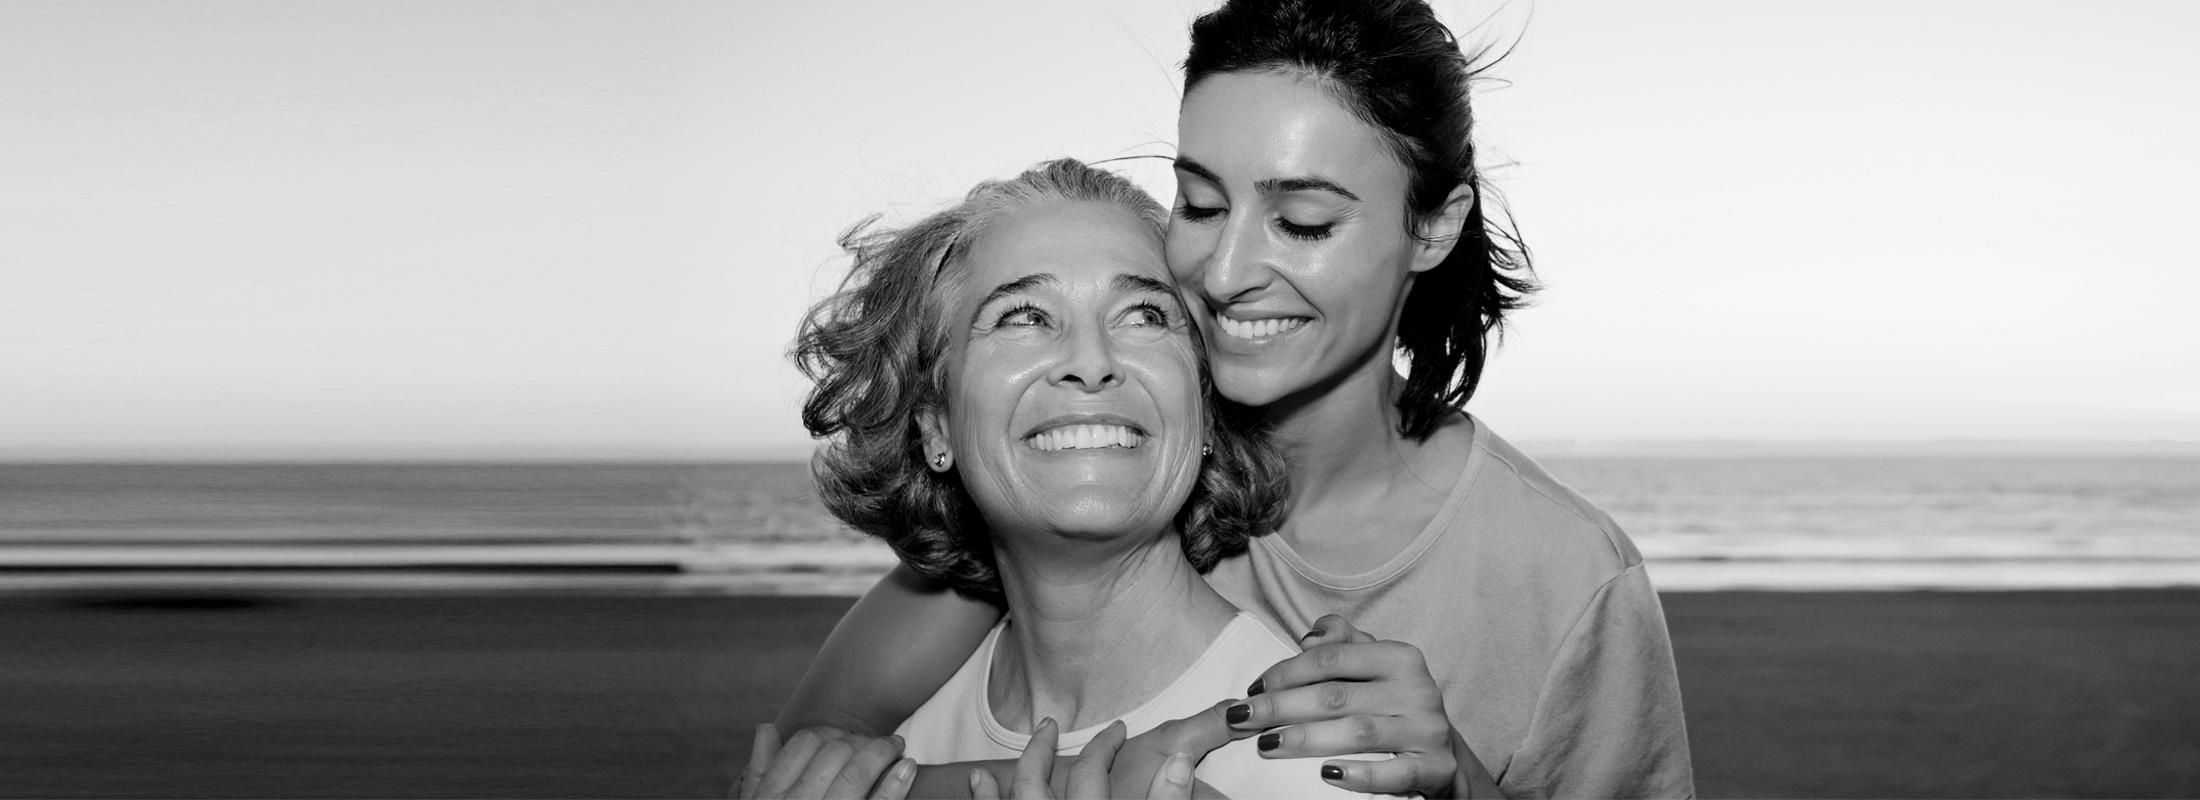 Dbaj o tych, których kochasz, a my zadbamy o Wasze uśmiechy